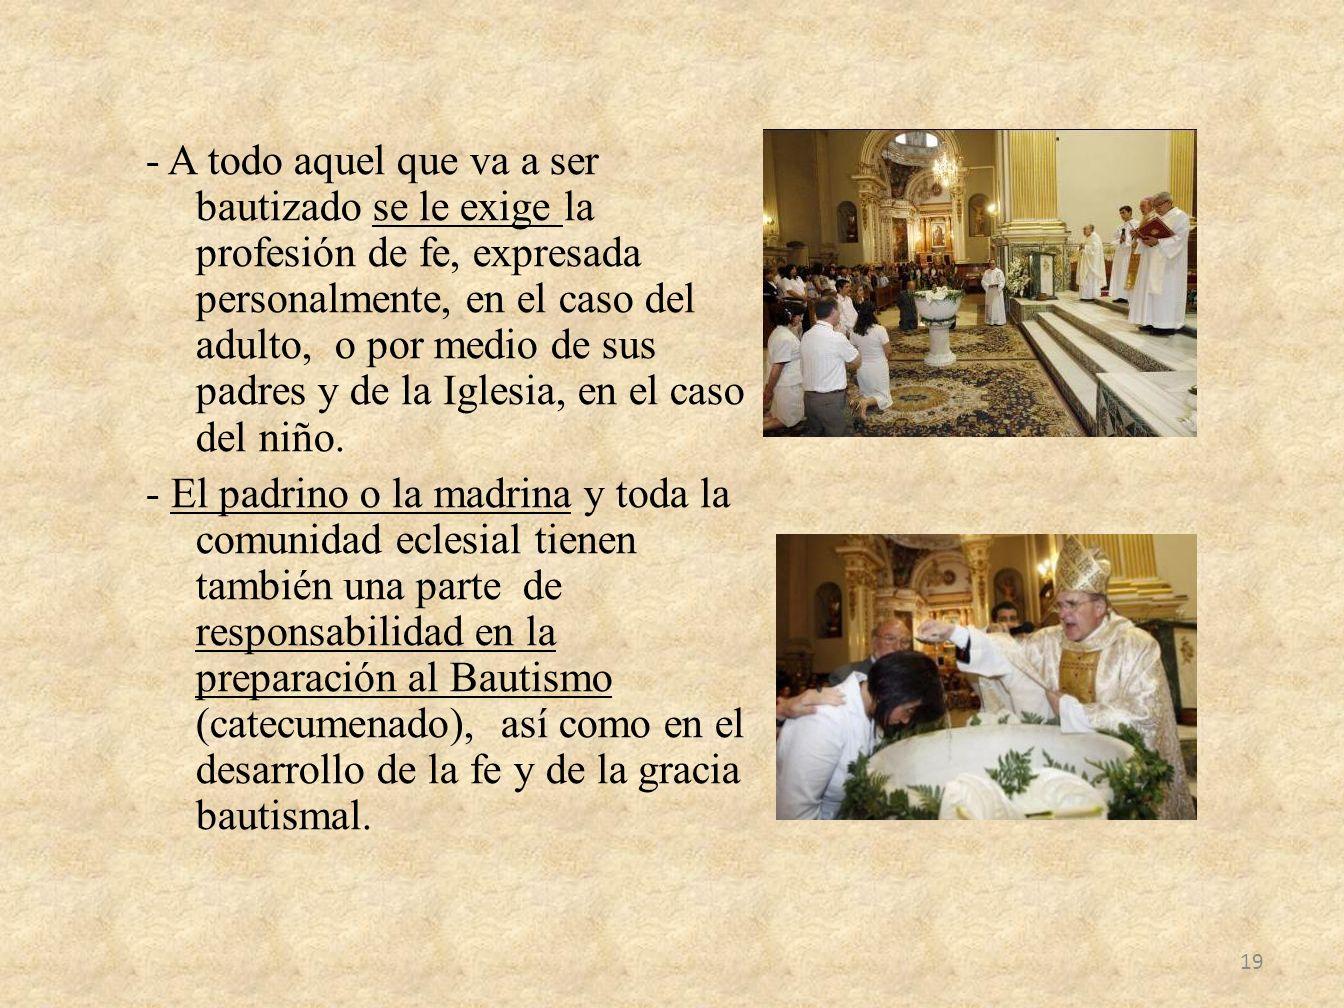 - A todo aquel que va a ser bautizado se le exige la profesión de fe, expresada personalmente, en el caso del adulto, o por medio de sus padres y de l